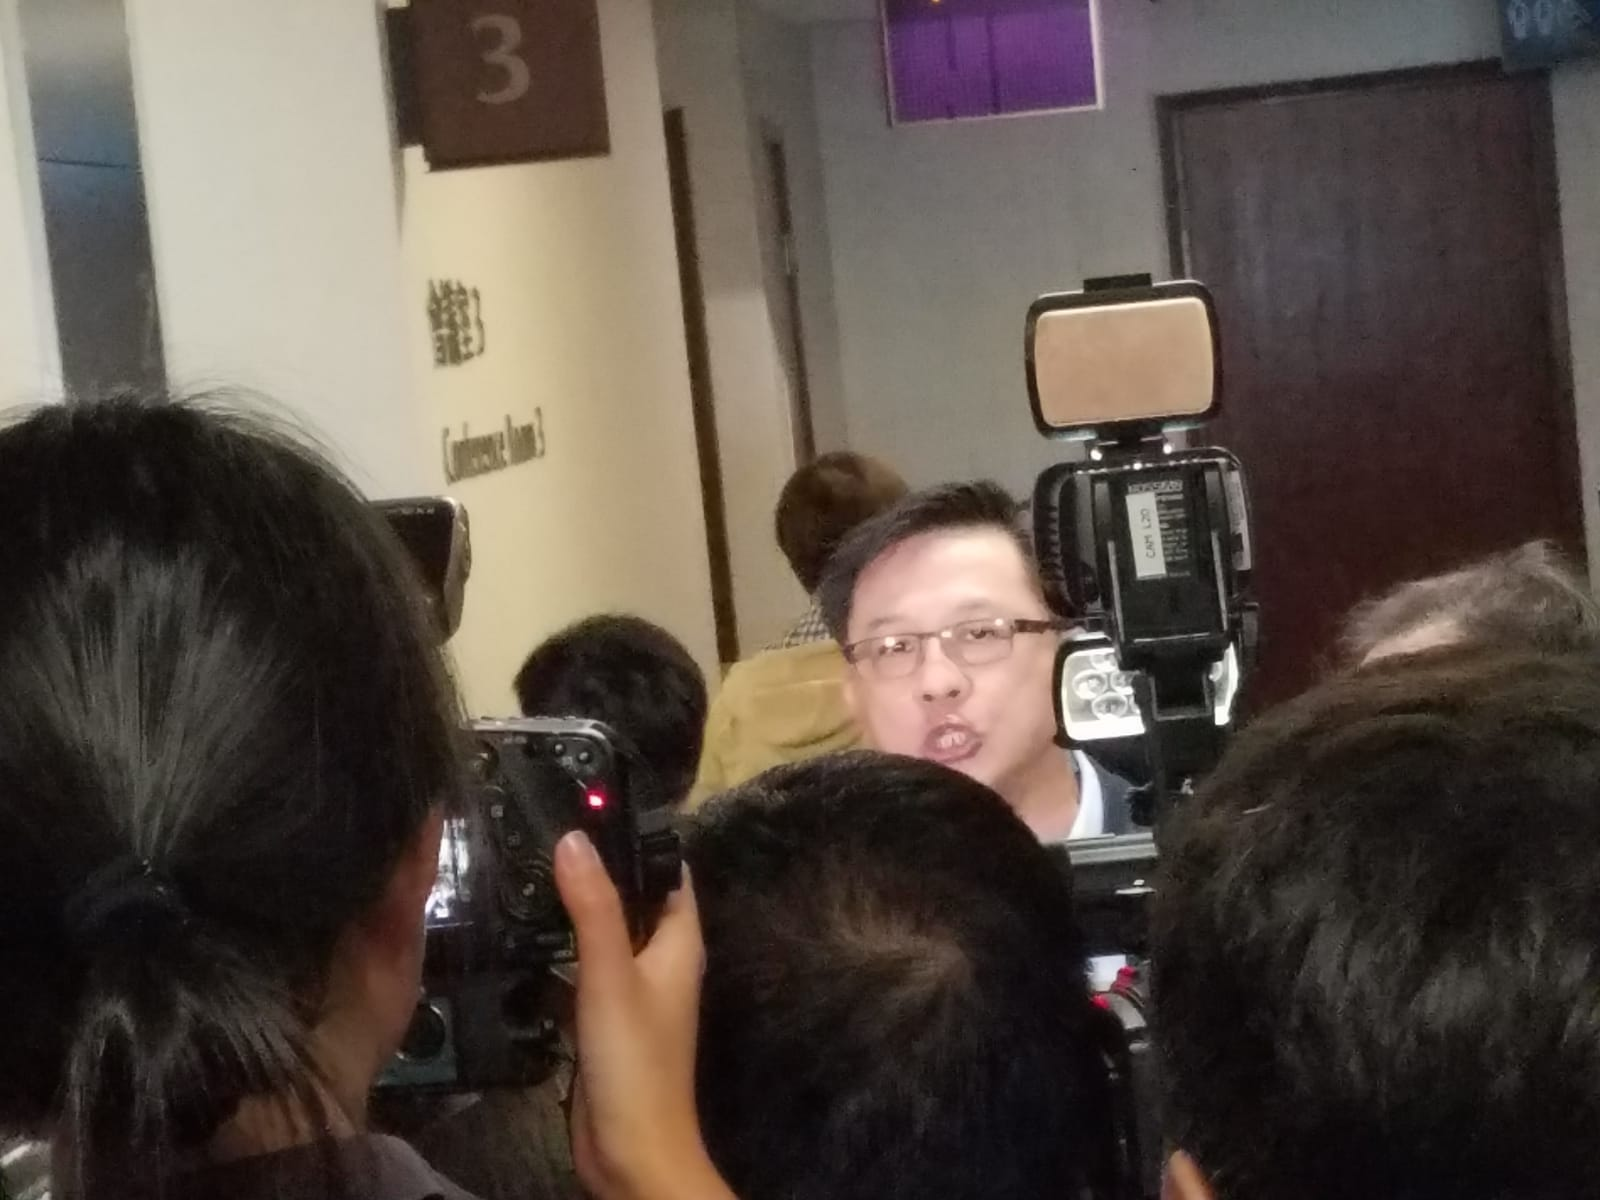 何君堯指控區諾軒非法禁錮,後者以傳媒有採訪權反駁。